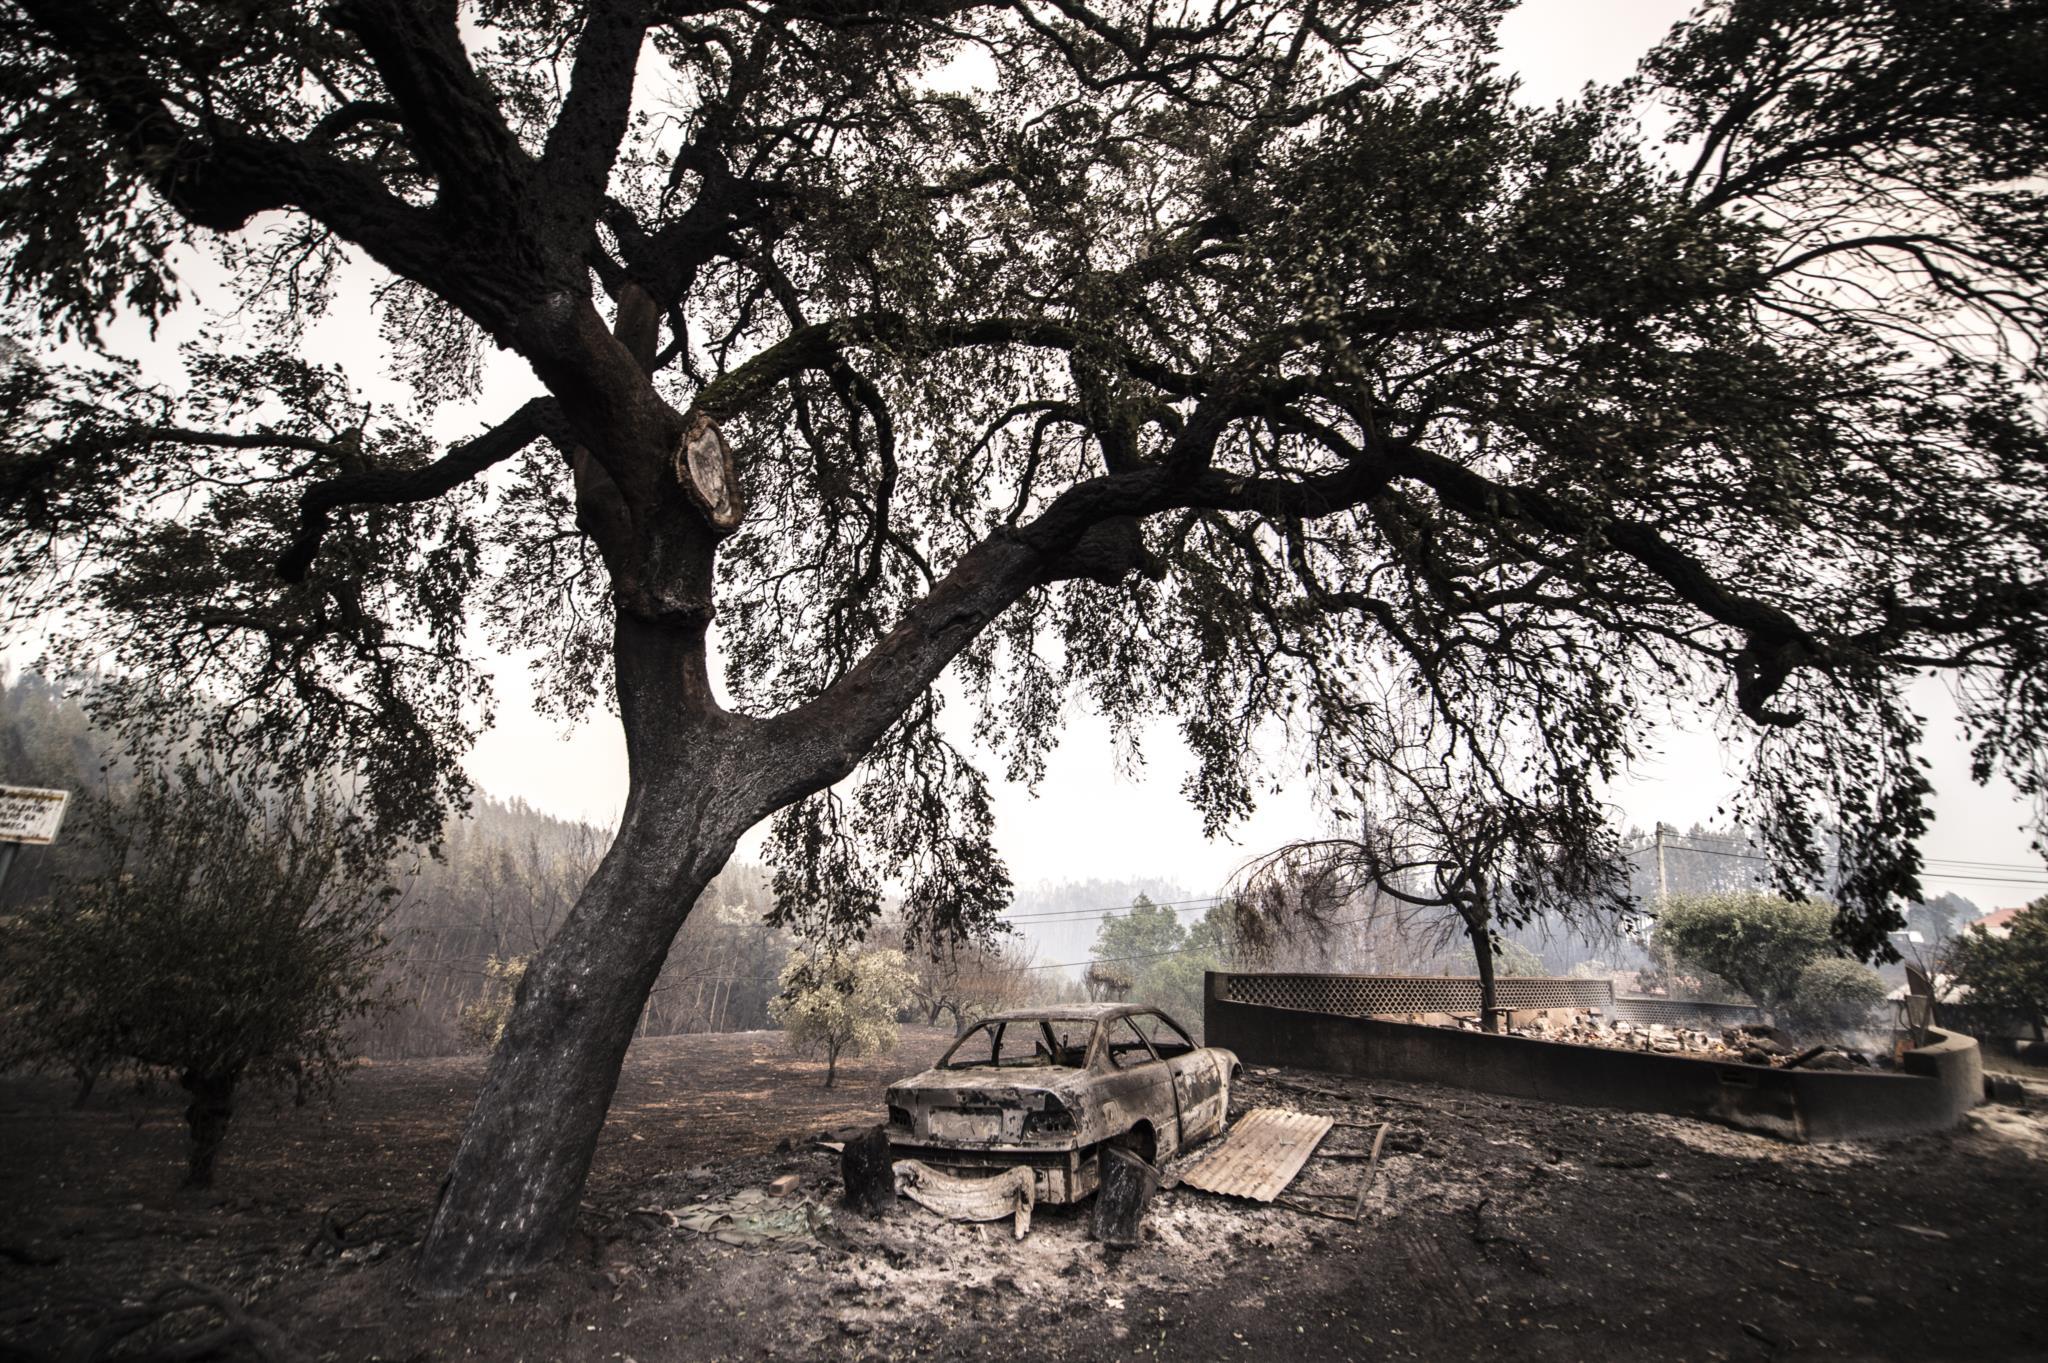 PÚBLICO - Centenas de animais terão morrido no incêndio de Pedrógão Grande